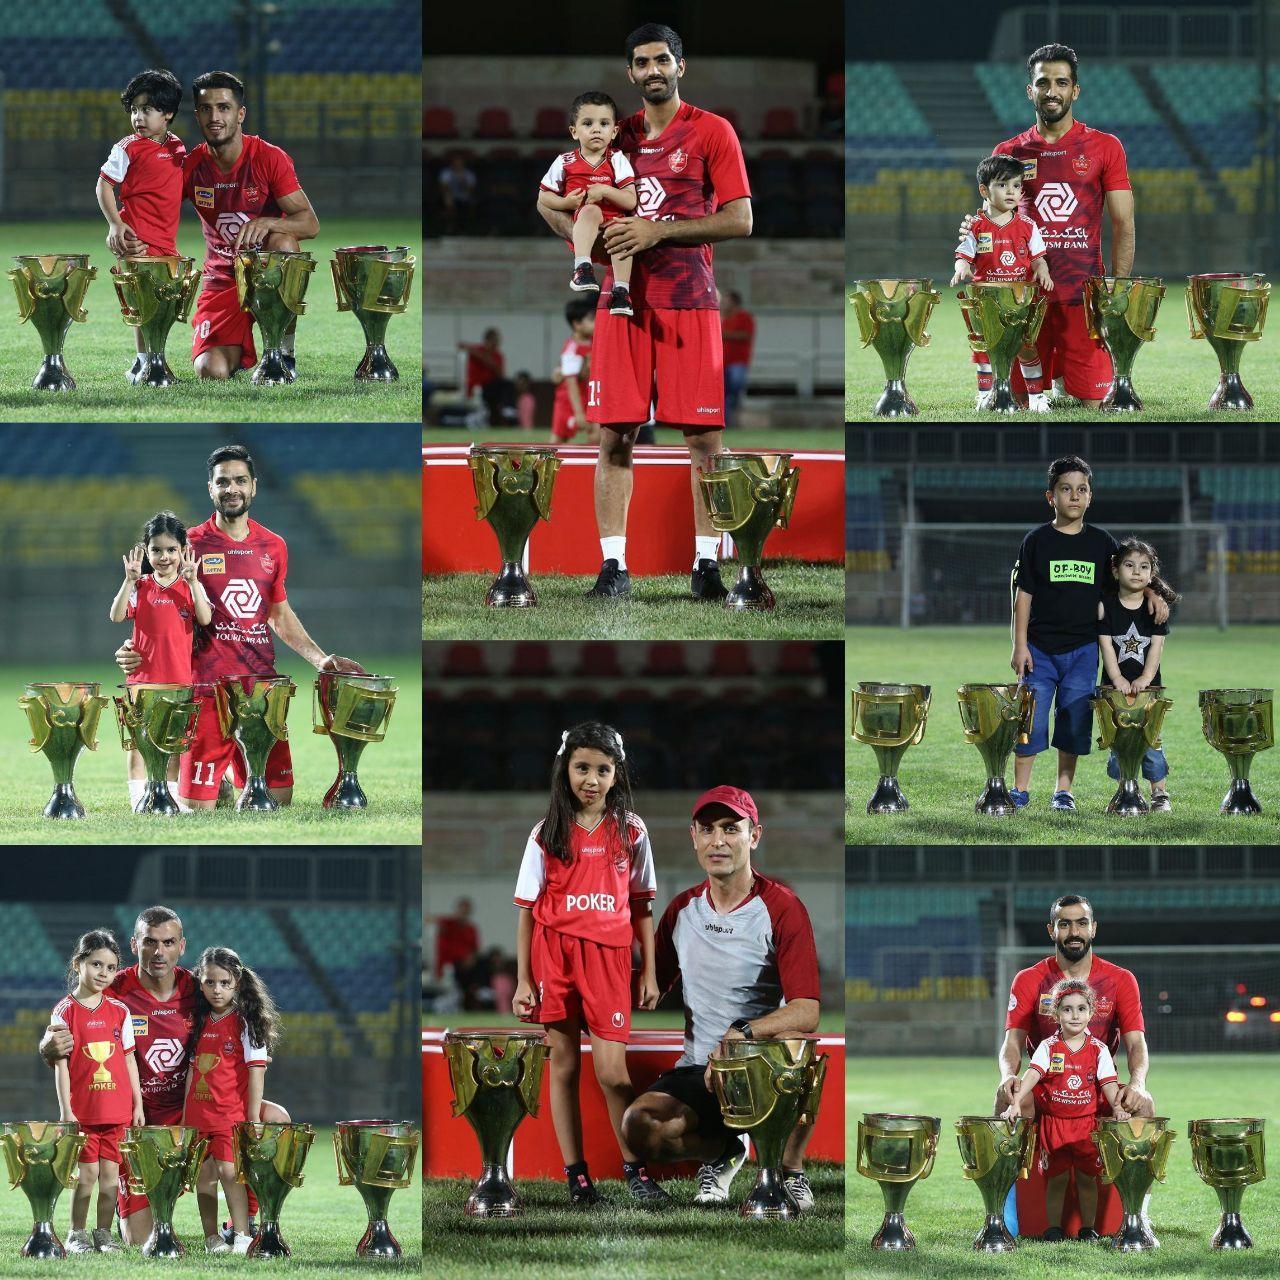 عکس یادگاری بازیکنان پرسپولیس همراه فرزندانشان در کنار چهار جام قهرمانی